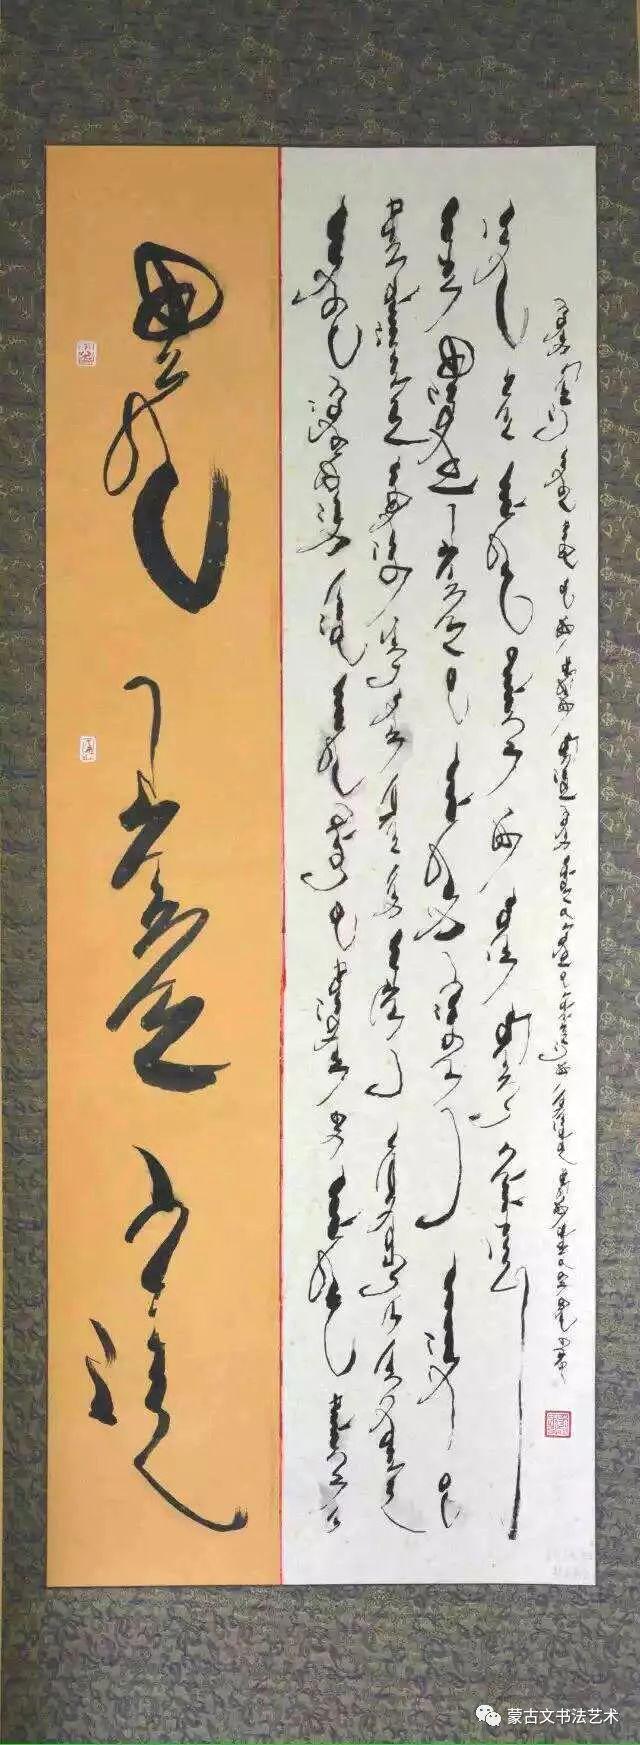 白宝音书法作品 第3张 白宝音书法作品 蒙古书法